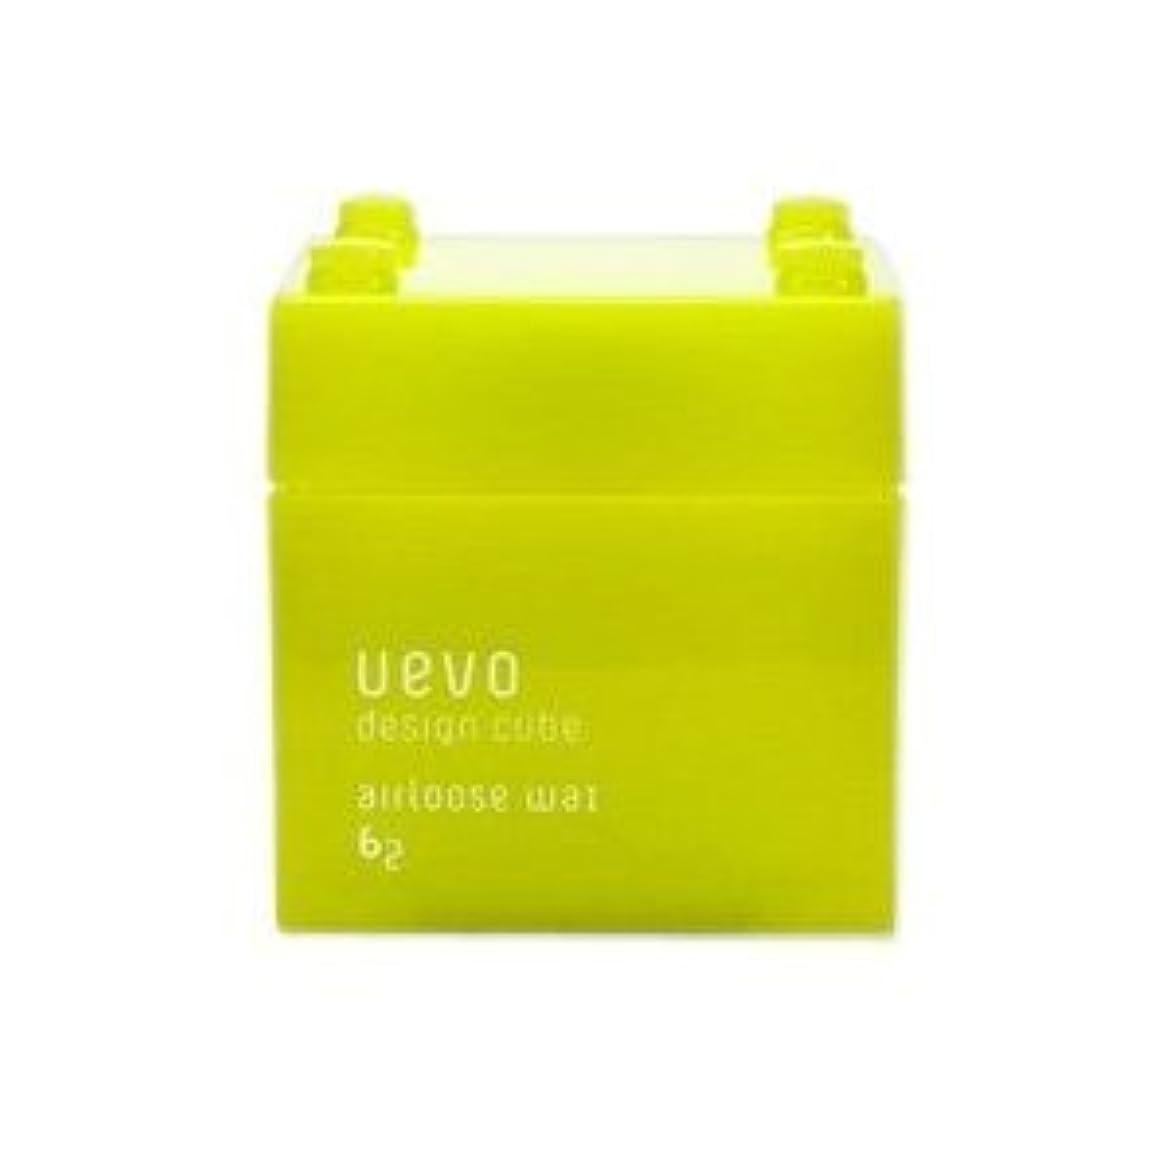 学士大邸宅軍【X2個セット】 デミ ウェーボ デザインキューブ エアルーズワックス 80g airloose wax DEMI uevo design cube